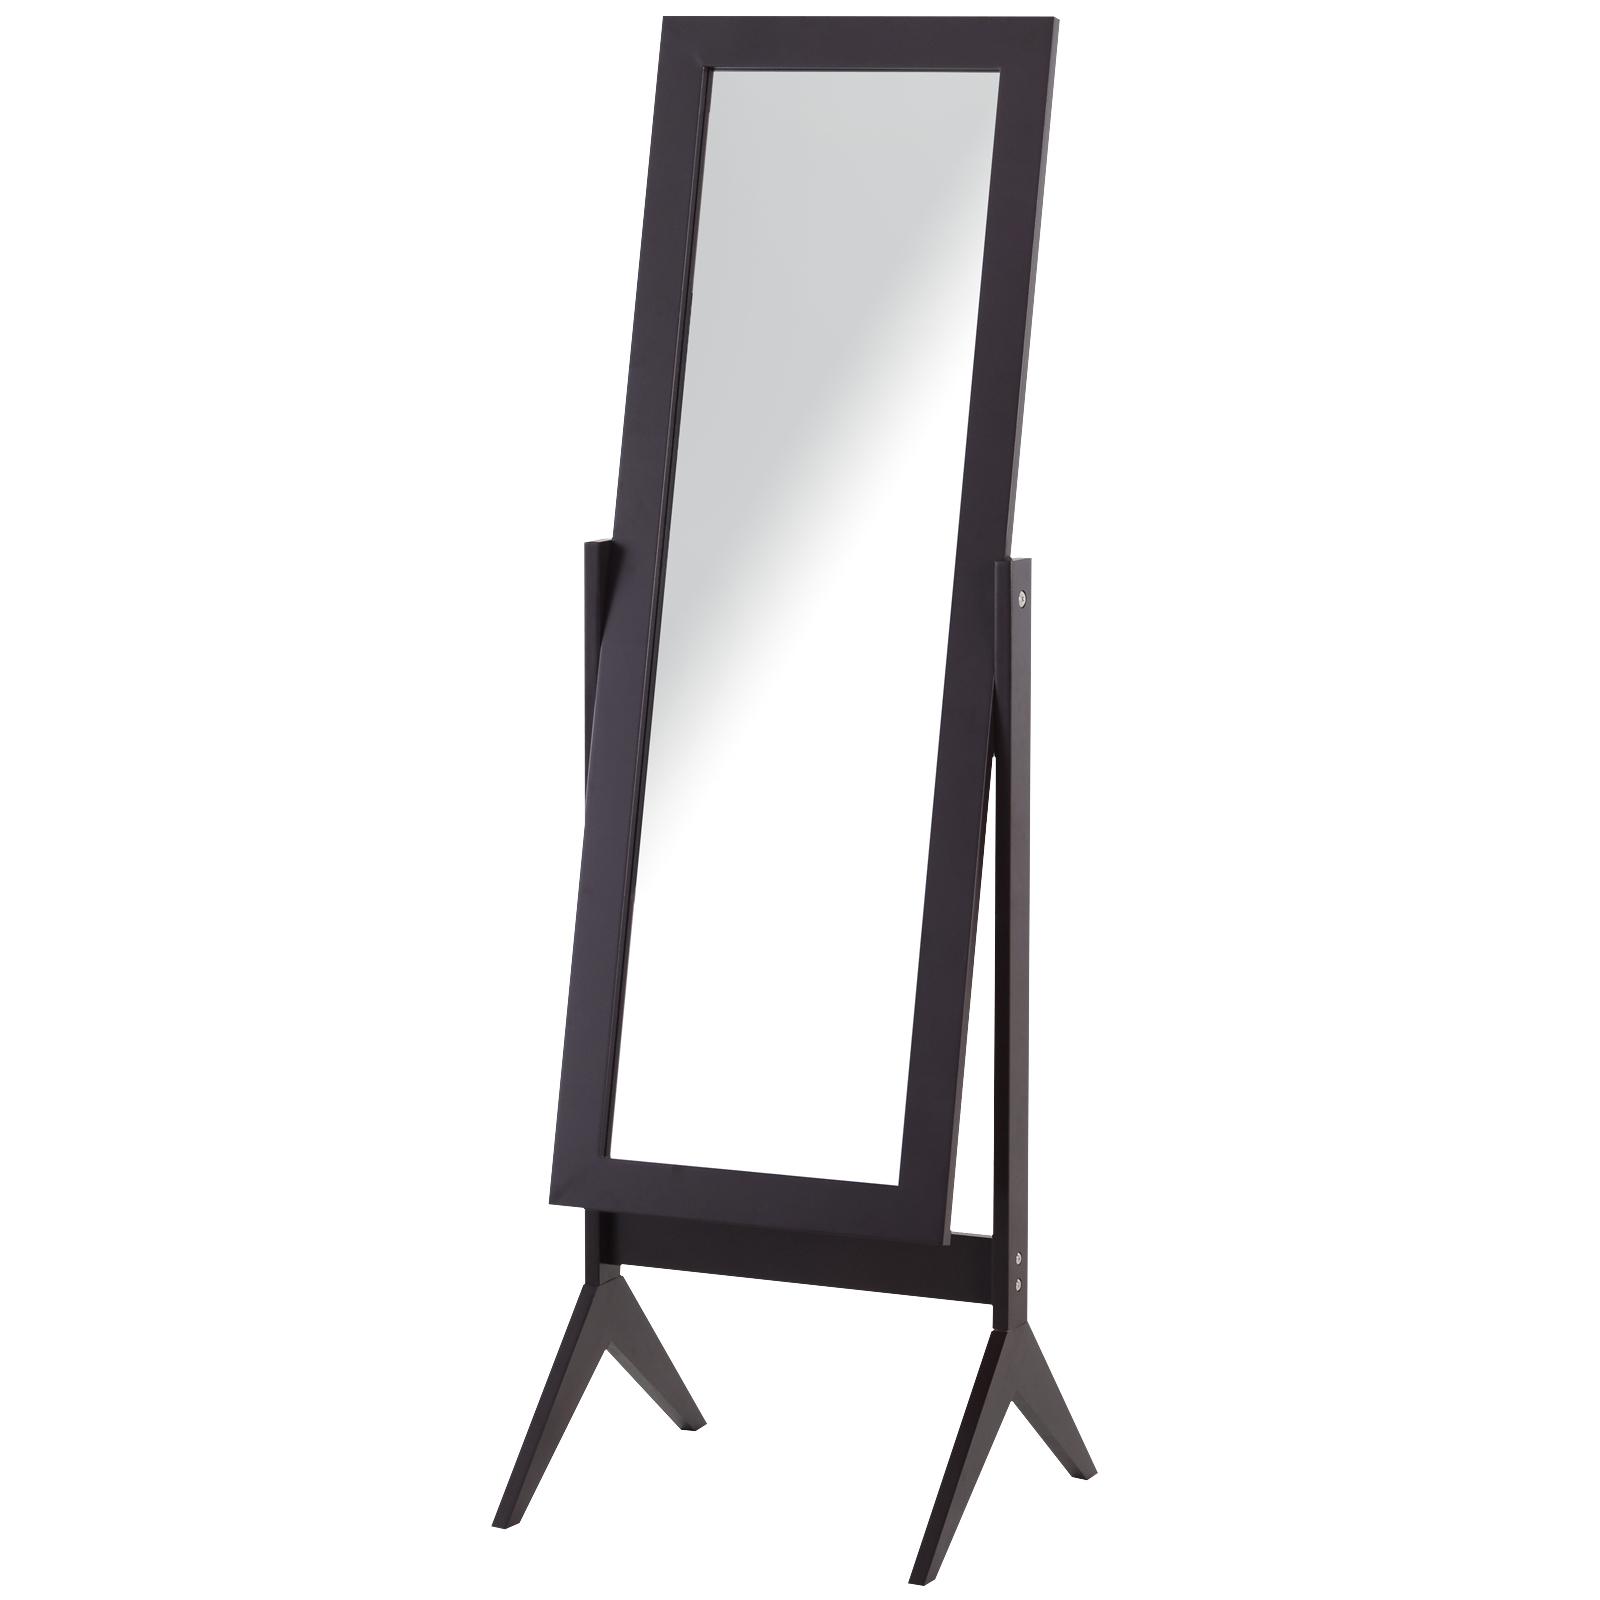 Miroir à pied inclinaison réglable noir H148cm